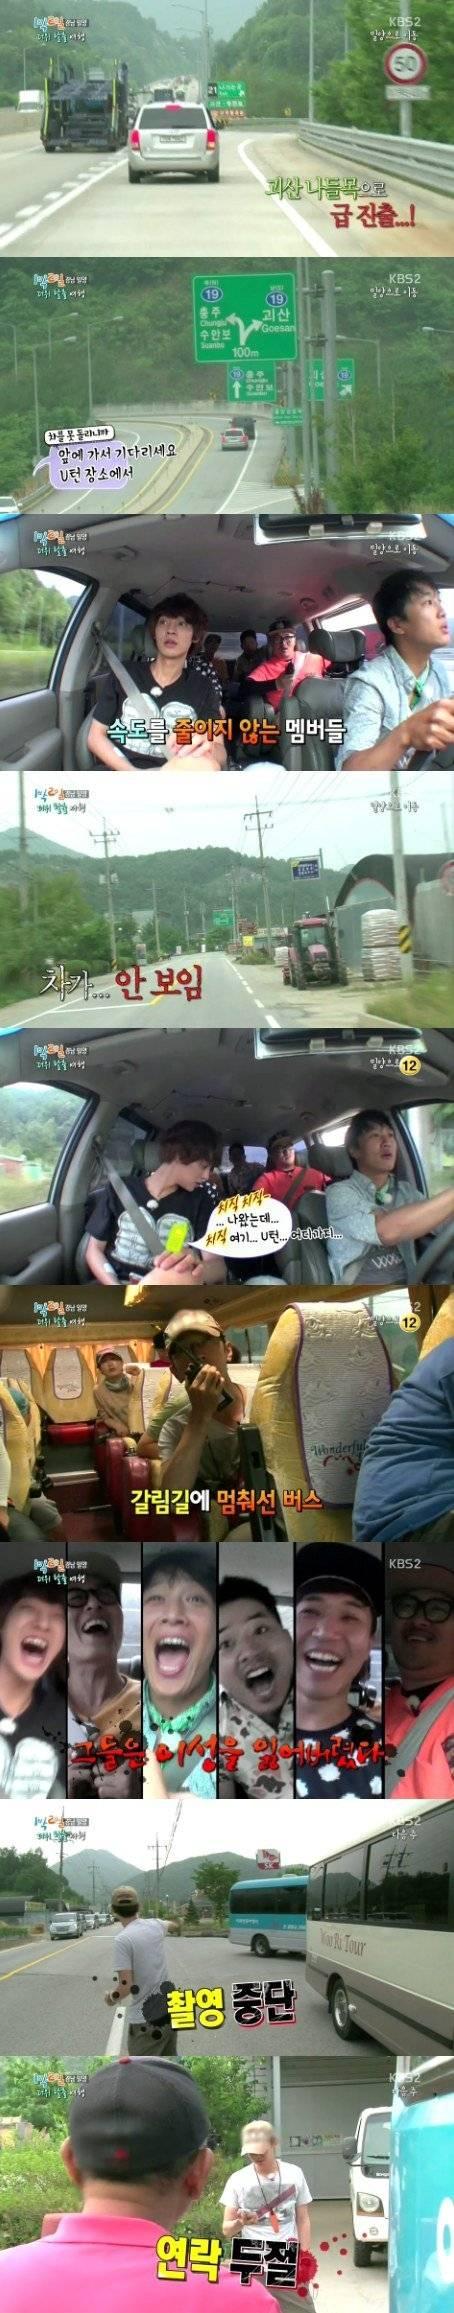 Jung Joon Young, Kim Jong Min, Cha Tae Hyun, Defconn, Kim Joo Hyuk, Kim Jun Ho